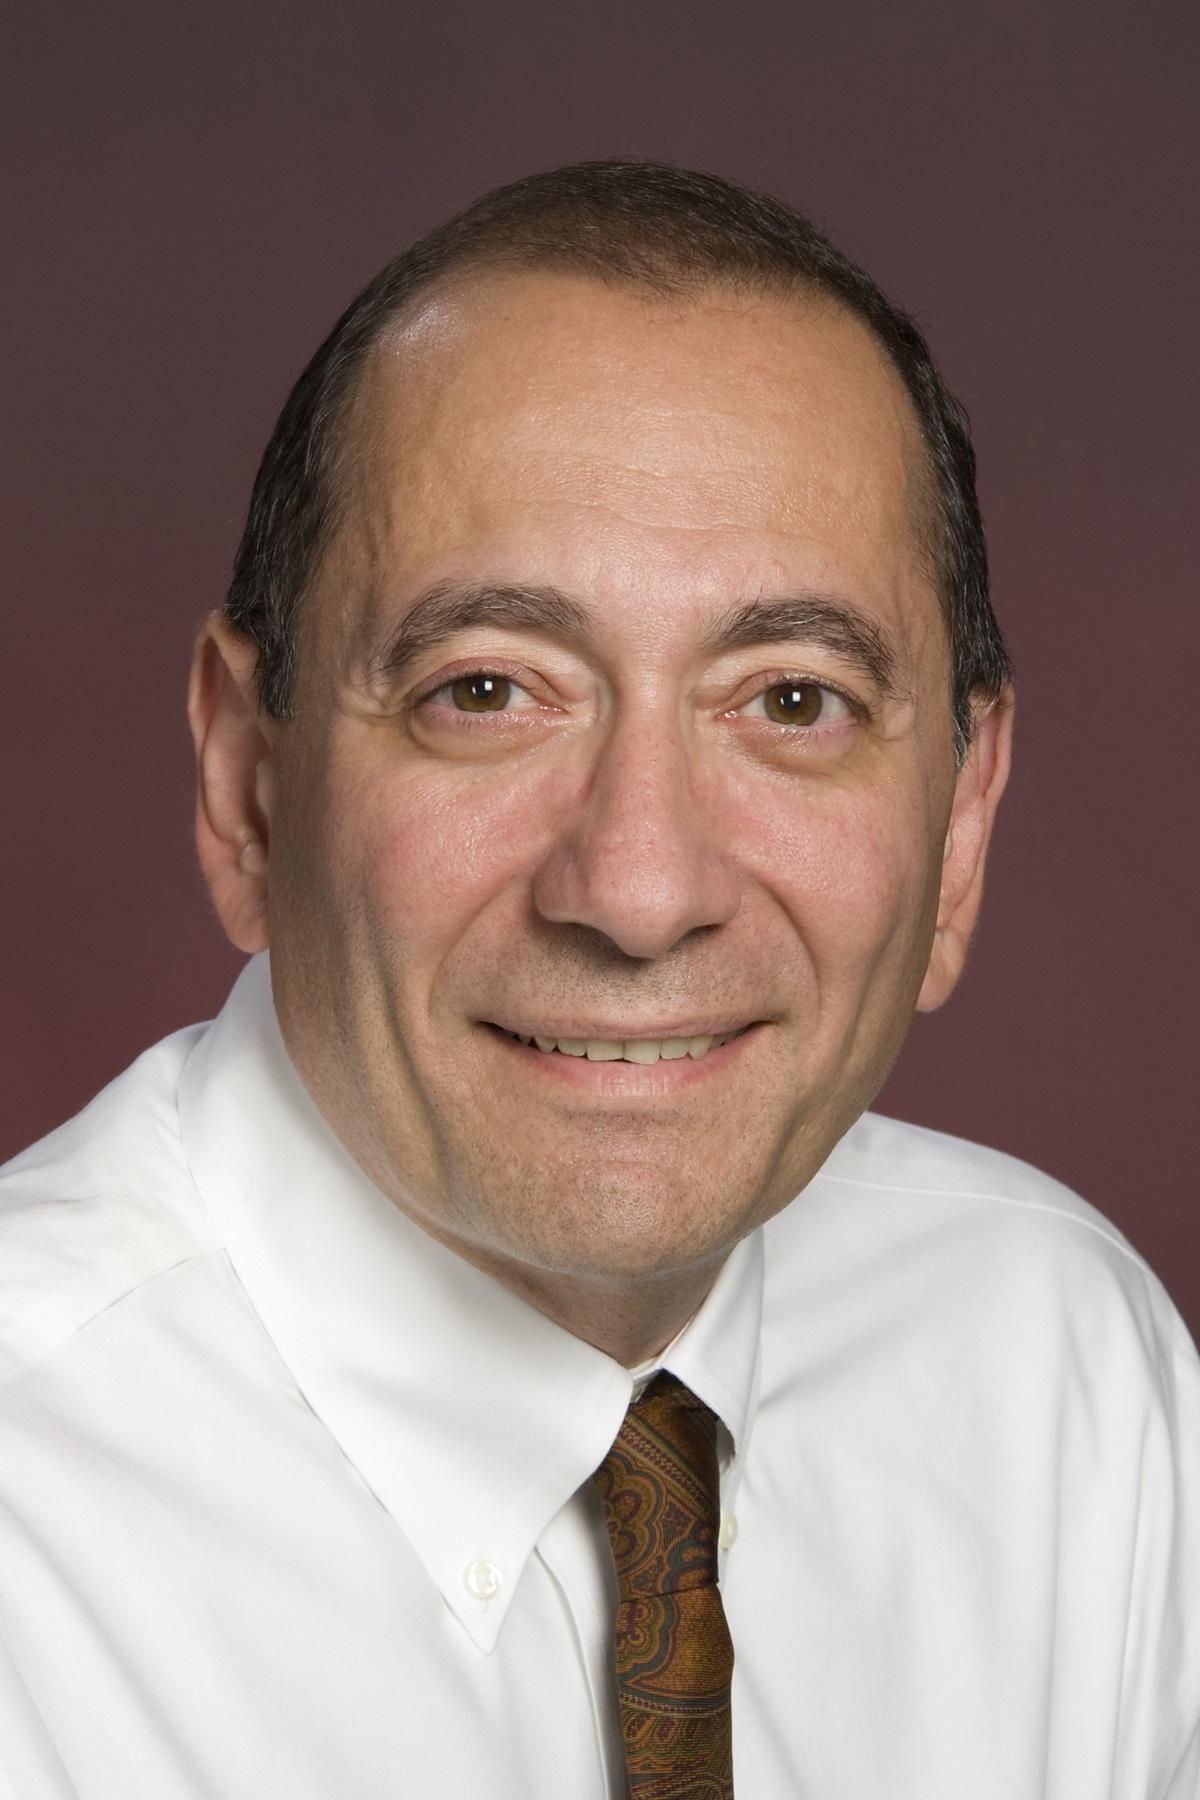 John Kassotis